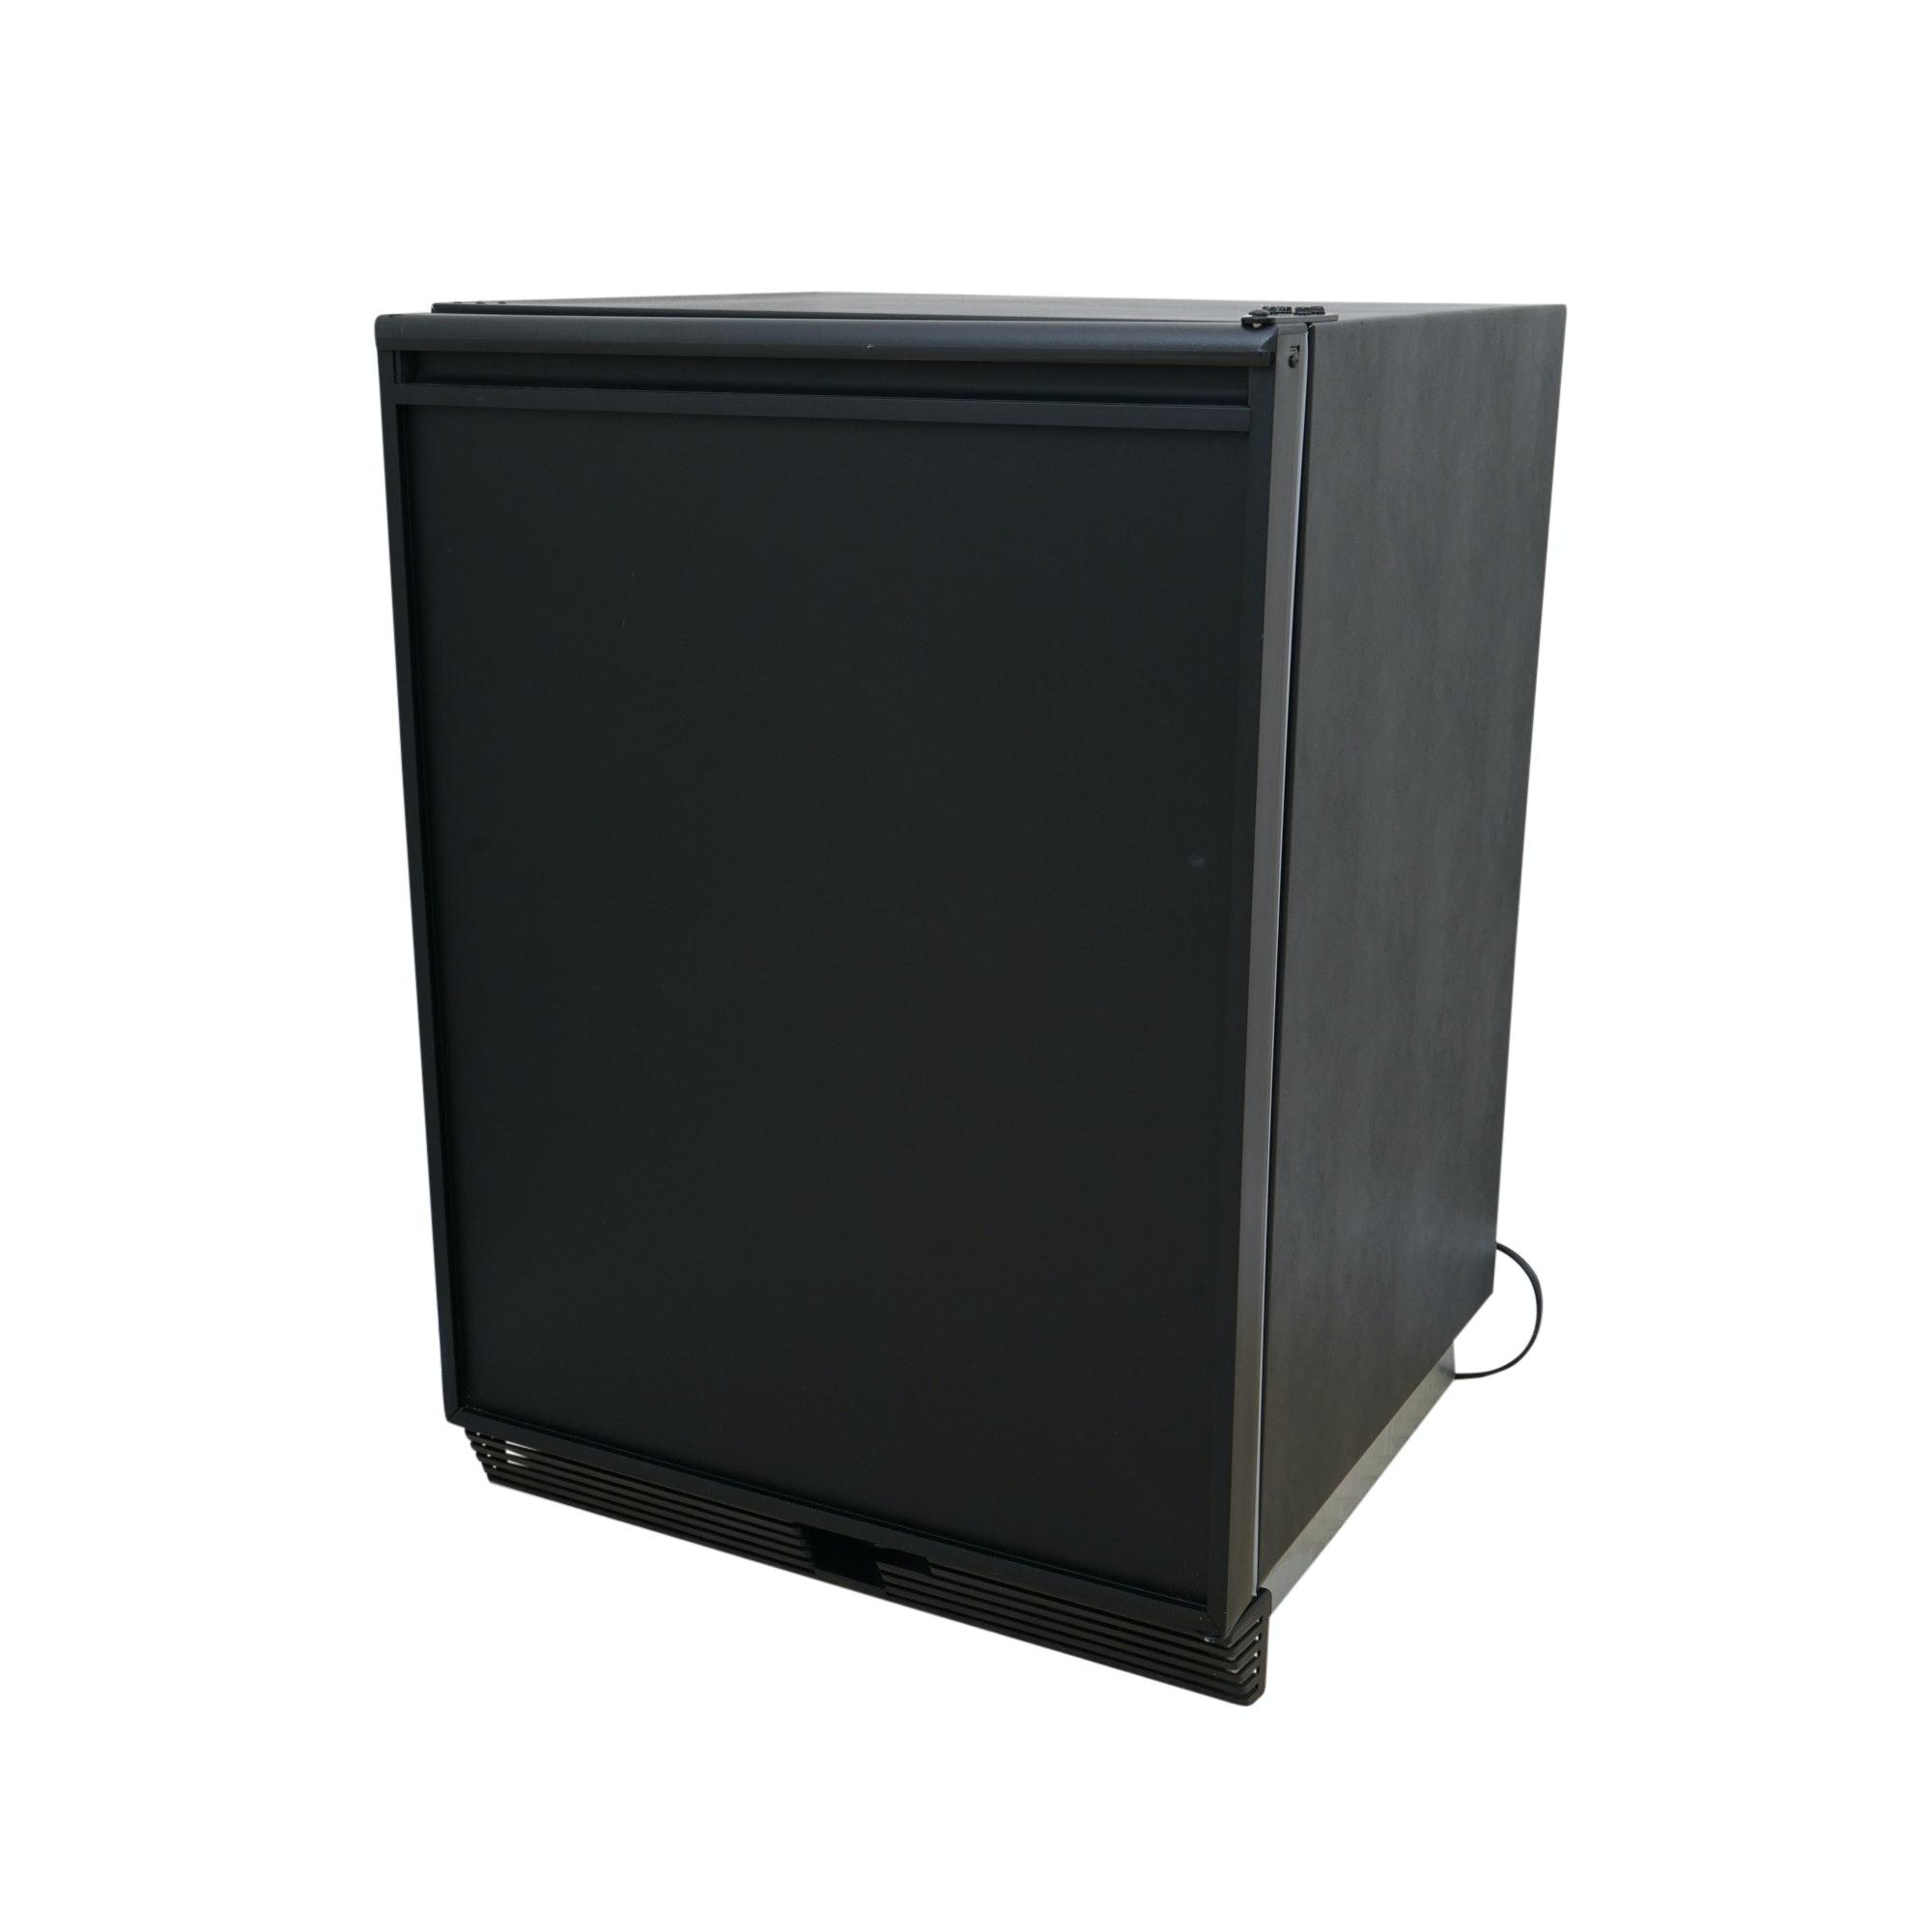 U-Line Wine Refrigerator